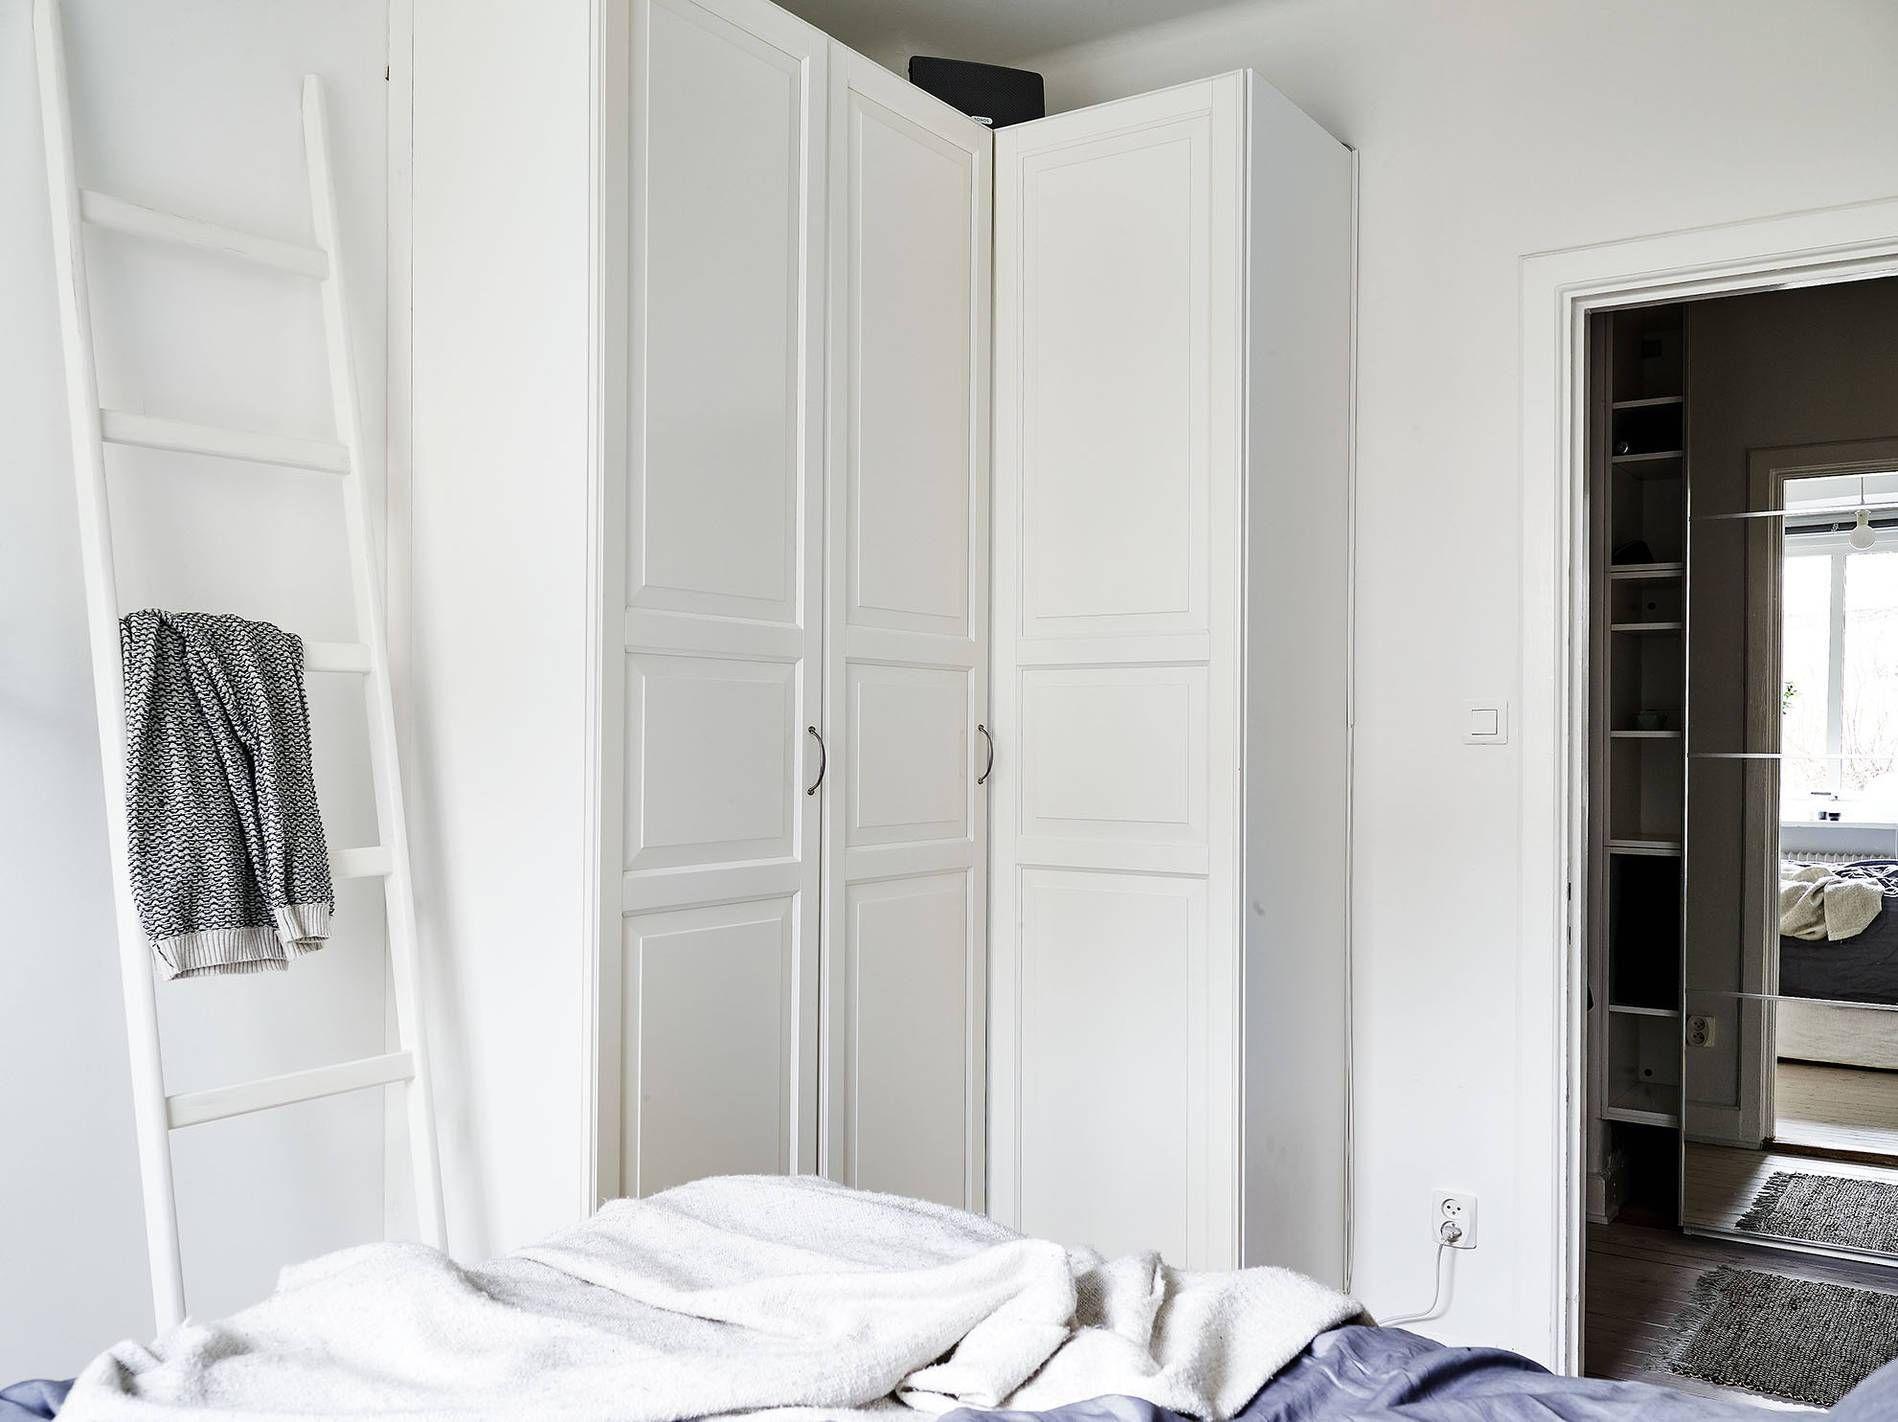 Armarios rinconera  casa gijon  armarios IKEA Armarios